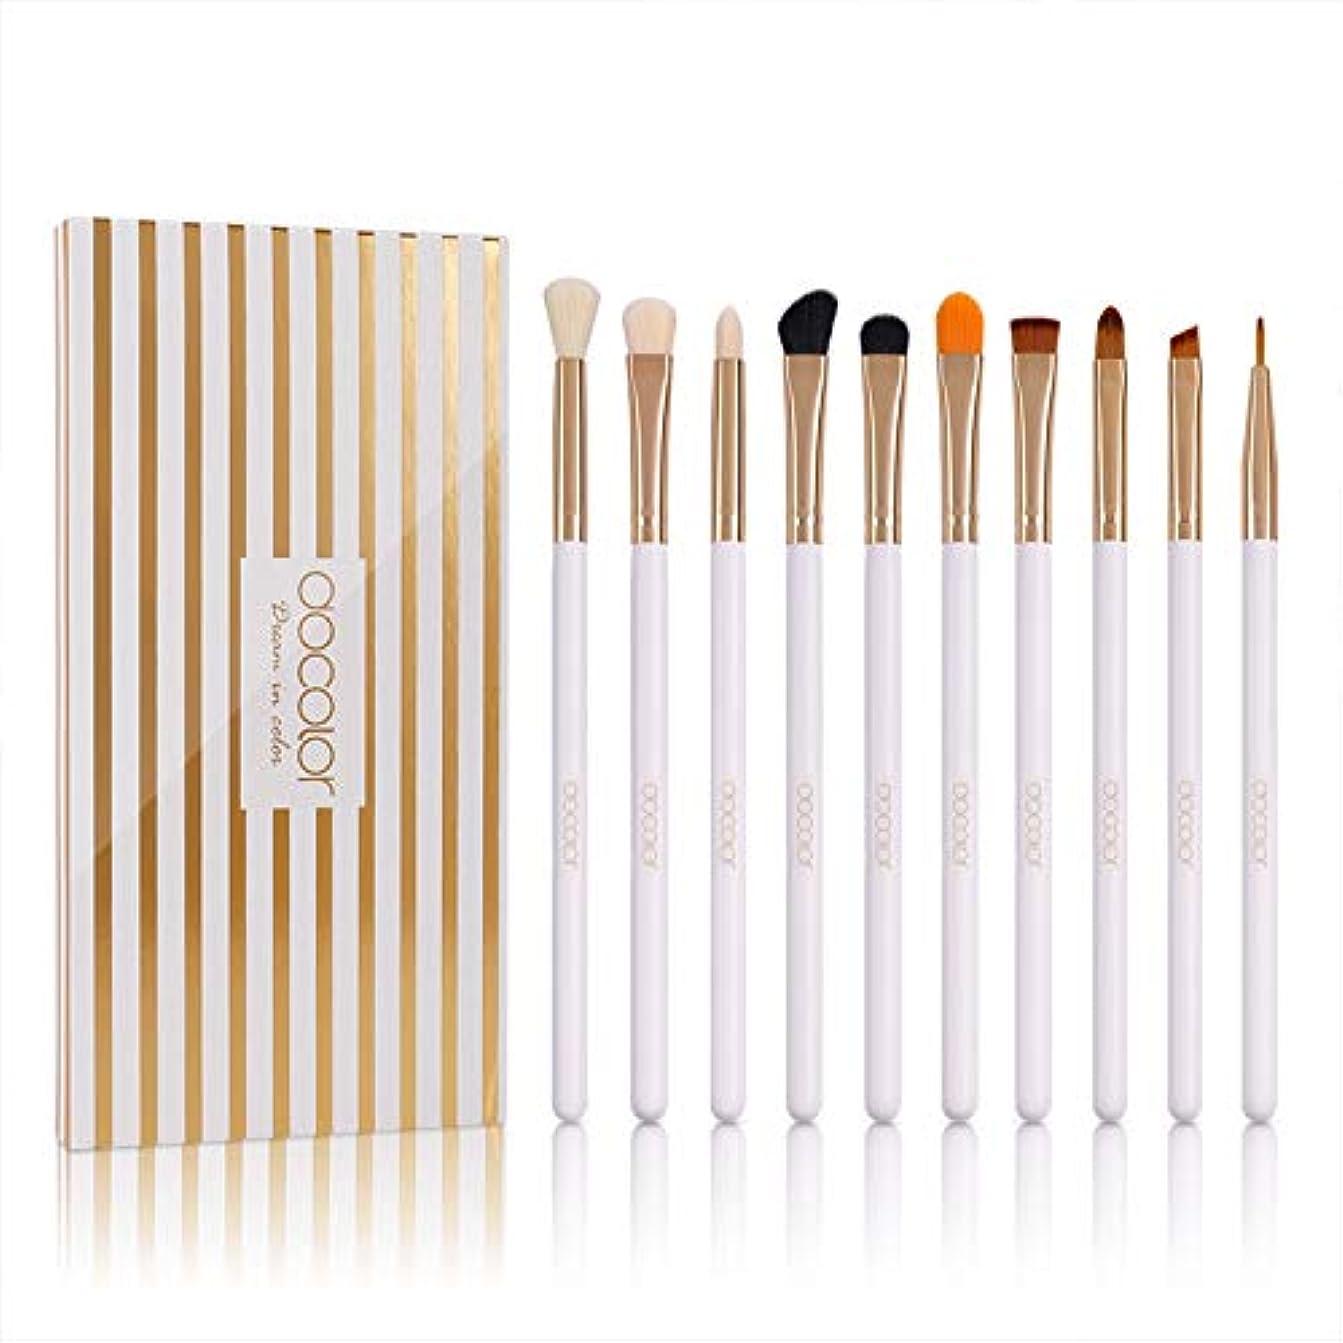 記述する水銀のスリッパドゥカラー Docolor 化粧筆 アイシャドウブラシ 10本セット